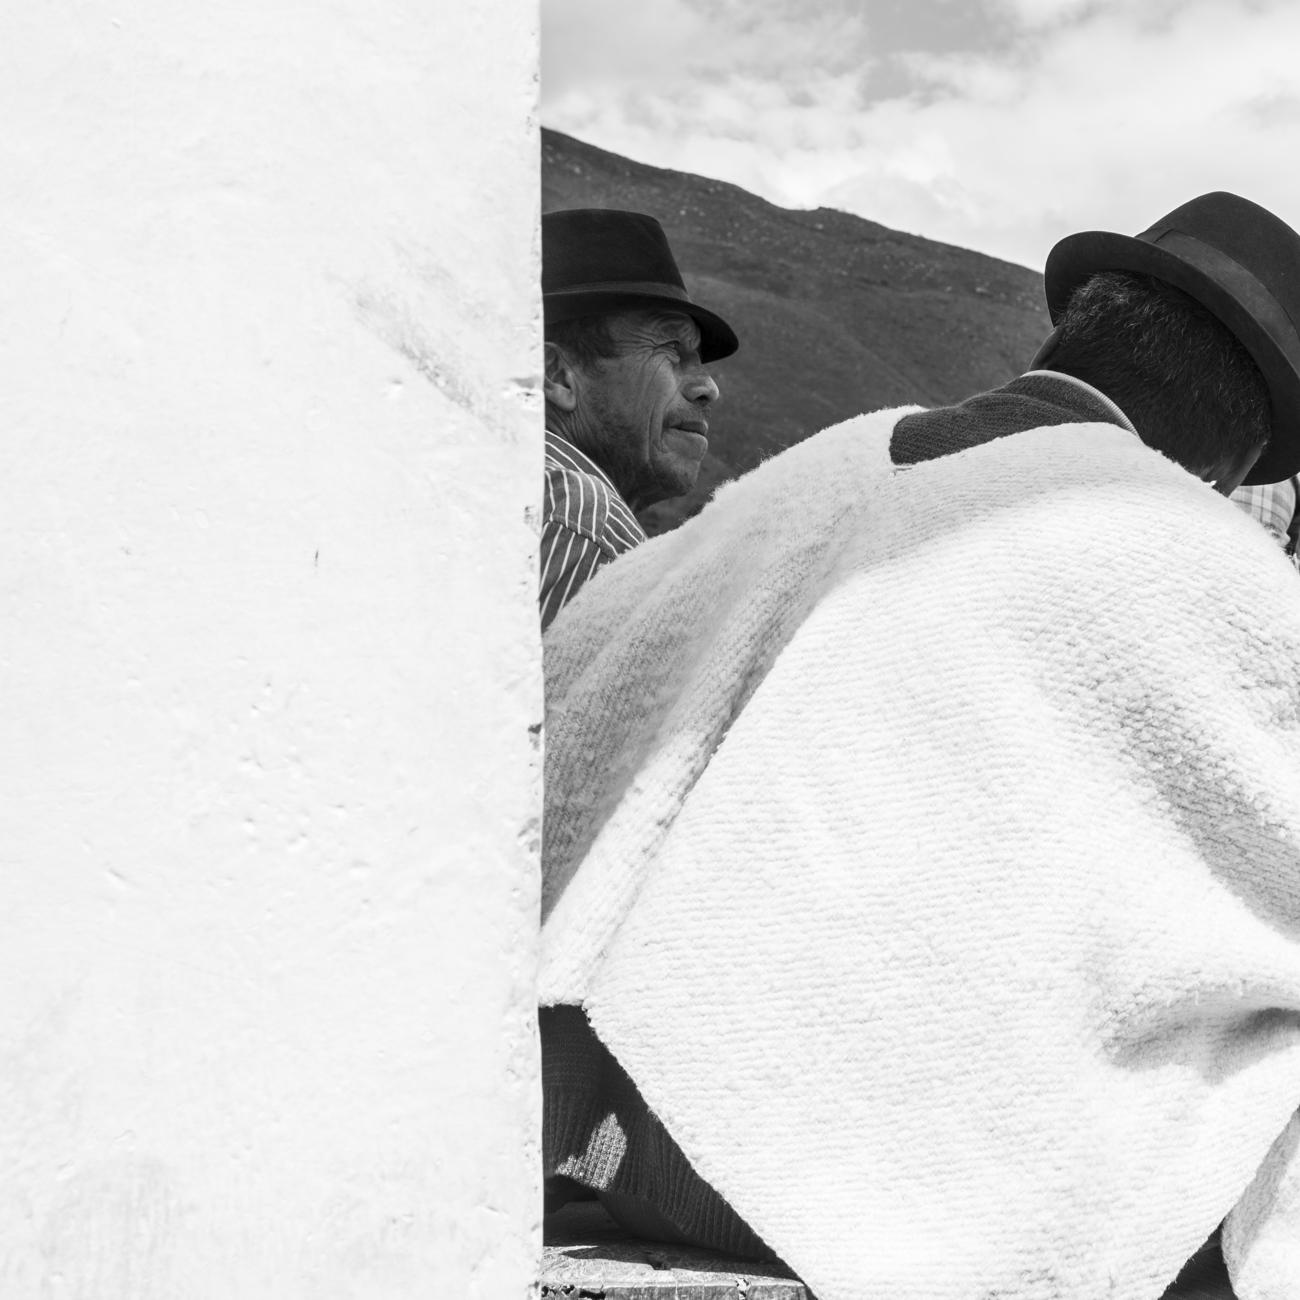 """La Villa. Estos pueblitos con sus """"centros históricos"""" recuerdan la existencia de rostros del otro lado, para unos y otros, turistas citadinos y campesinos. Fronteras entre lo urbano y lo rural.¿Invasión o encuentro? Cómo nos miran, cómo los miramos (Villa de Leyva, Colombia, 2014)."""